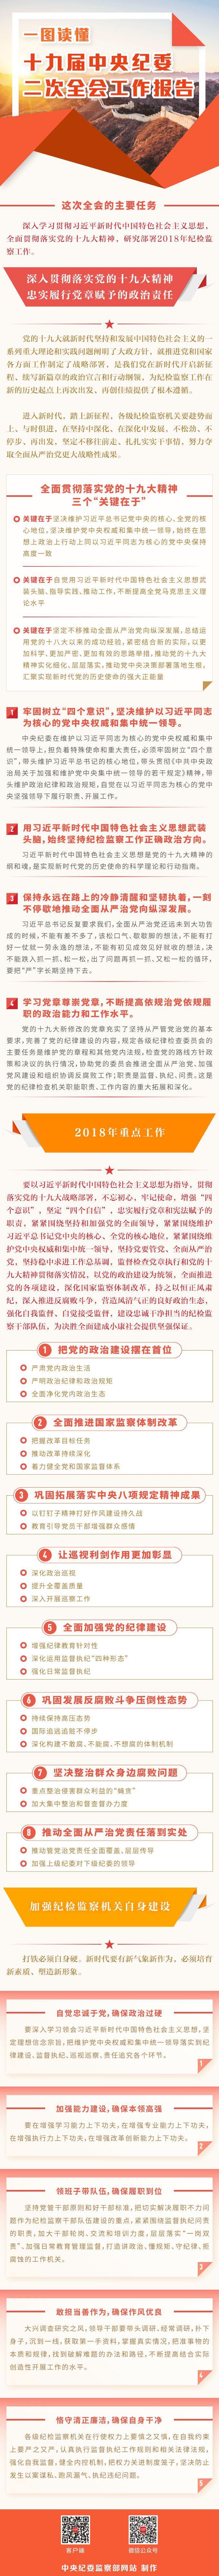 一图读懂: 十九届中央纪委二次全会工作报告